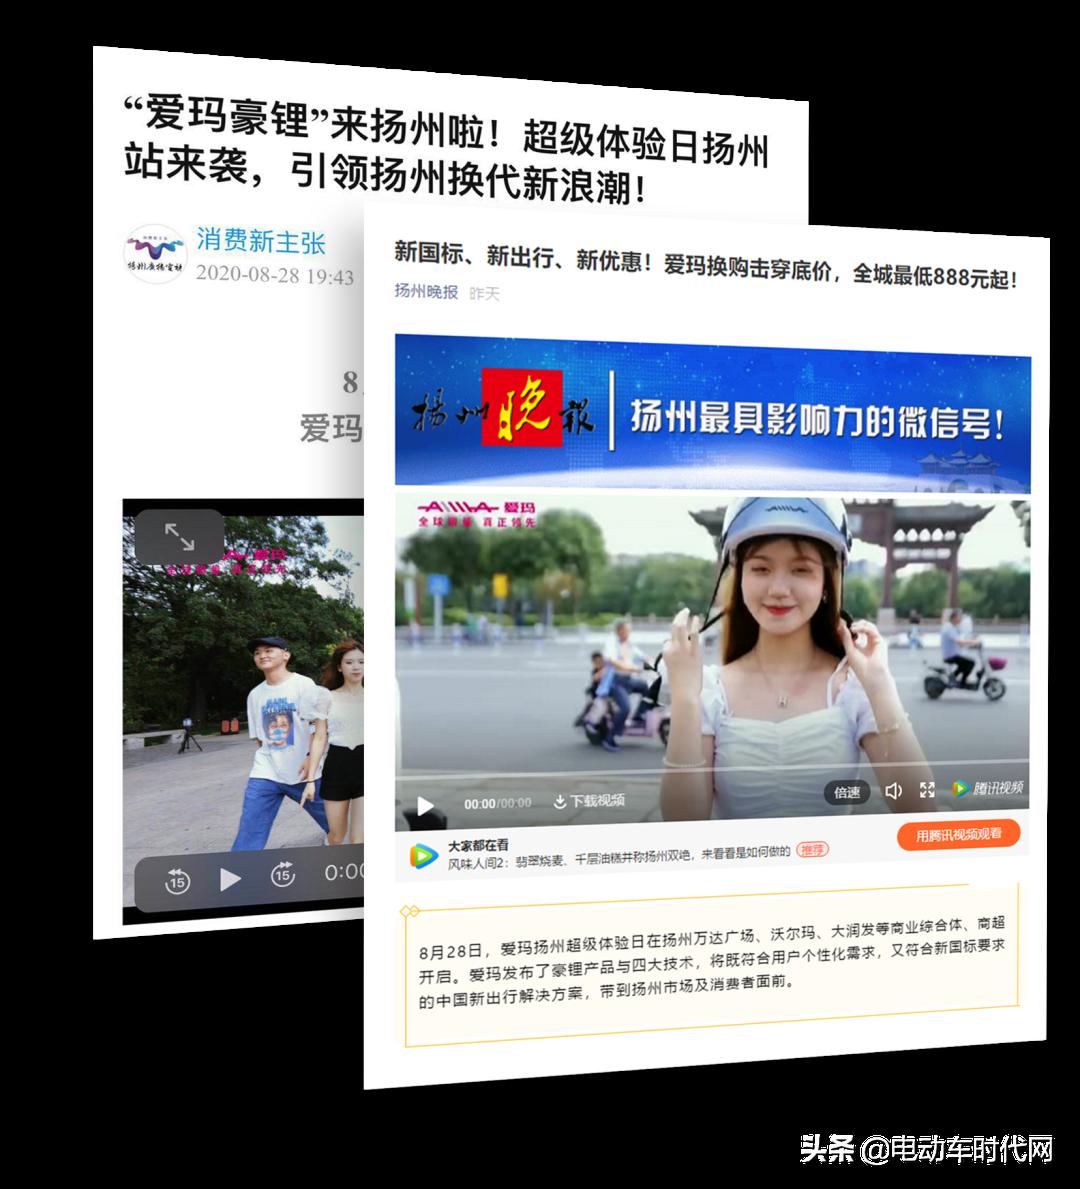 巅峰体验 | 爱玛豪锂大受好评,中国新出行深入人心